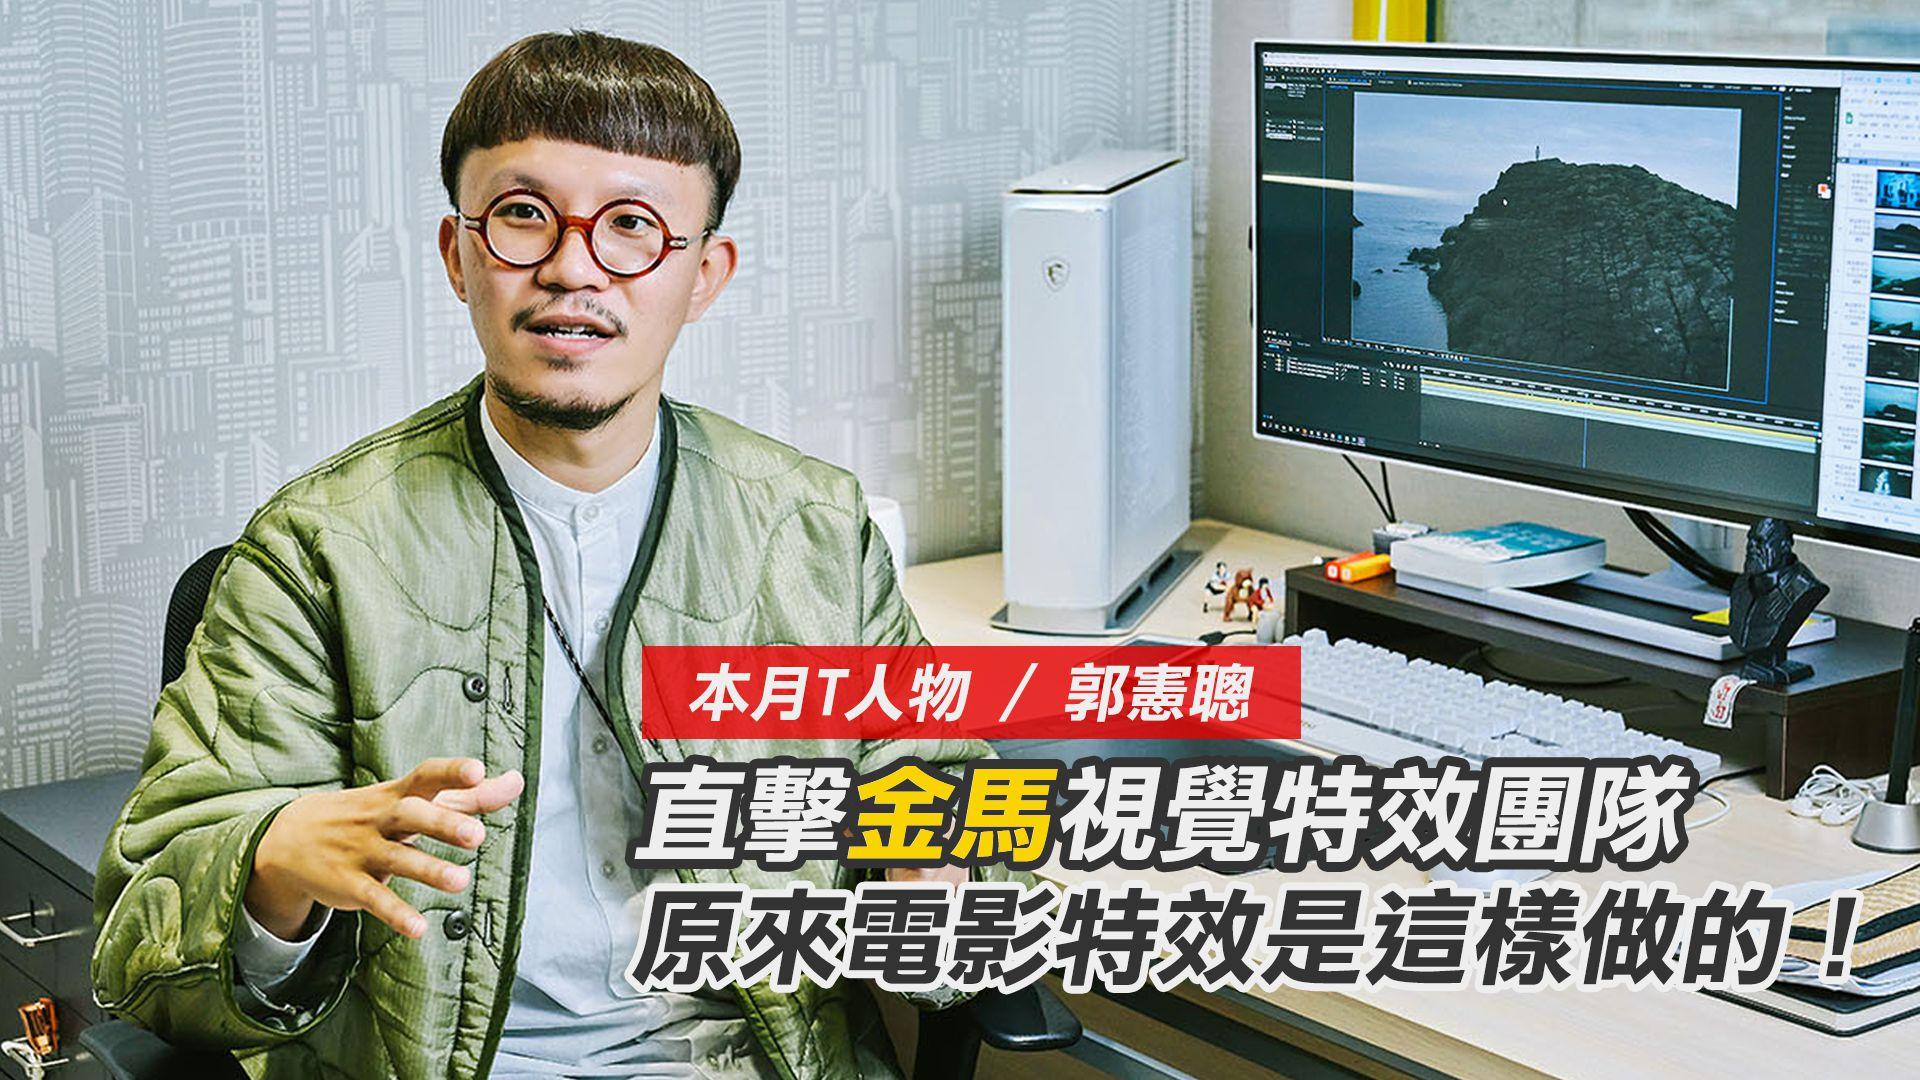 本月T人物│郭憲聰:就是「它」!金馬團隊打造電影特效的關鍵